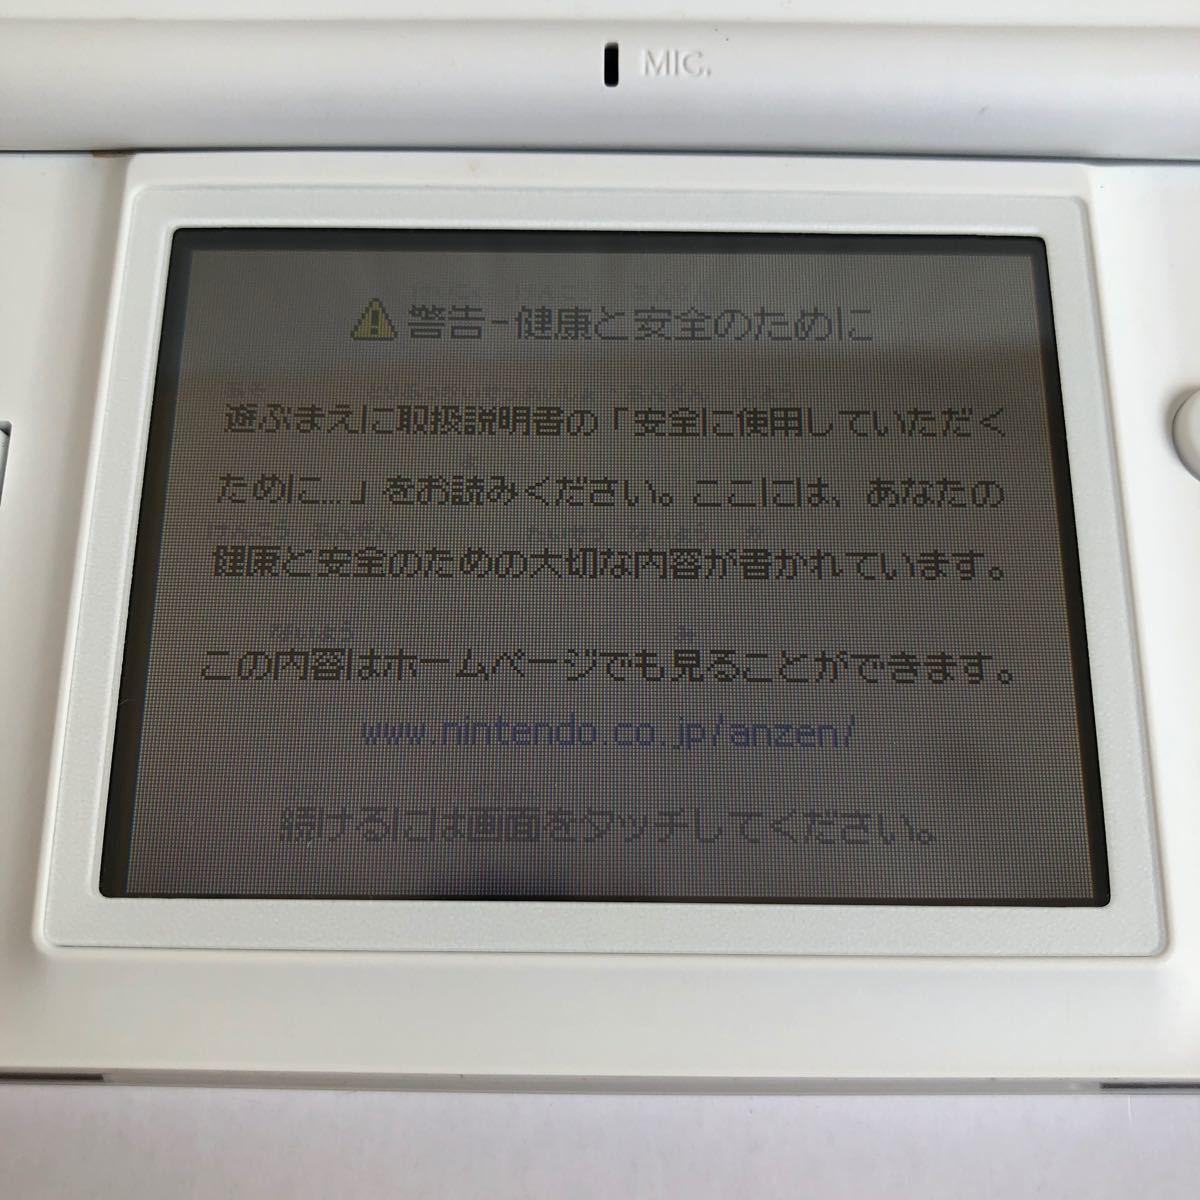 任天堂 ニンテンドーDS Lite:ホワイト 動作確認済